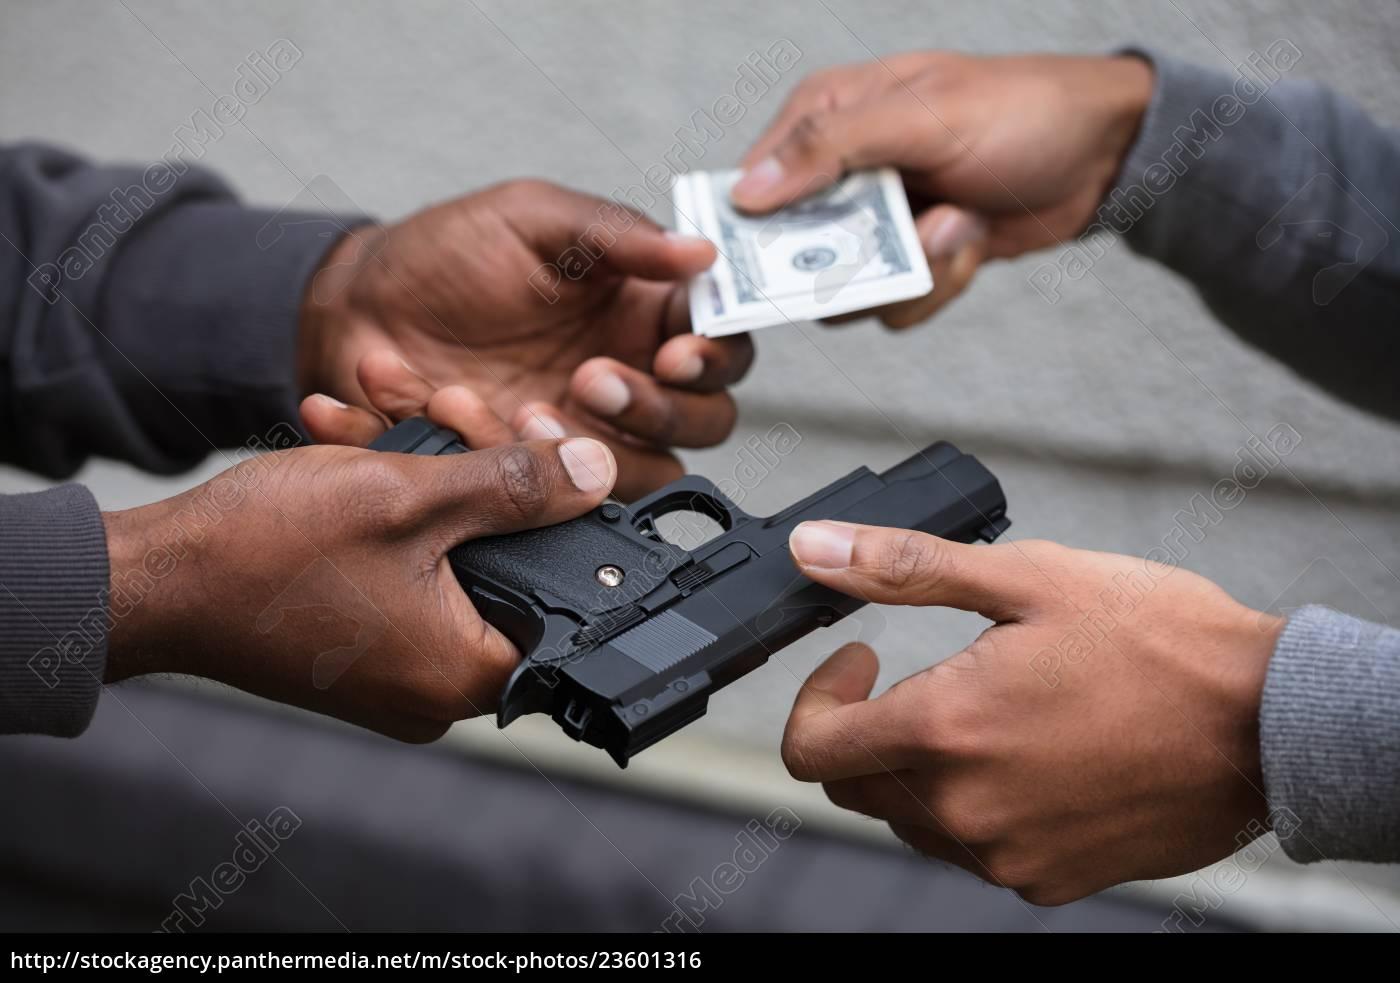 hands, exchanging, handgun, for, banknote - 23601316